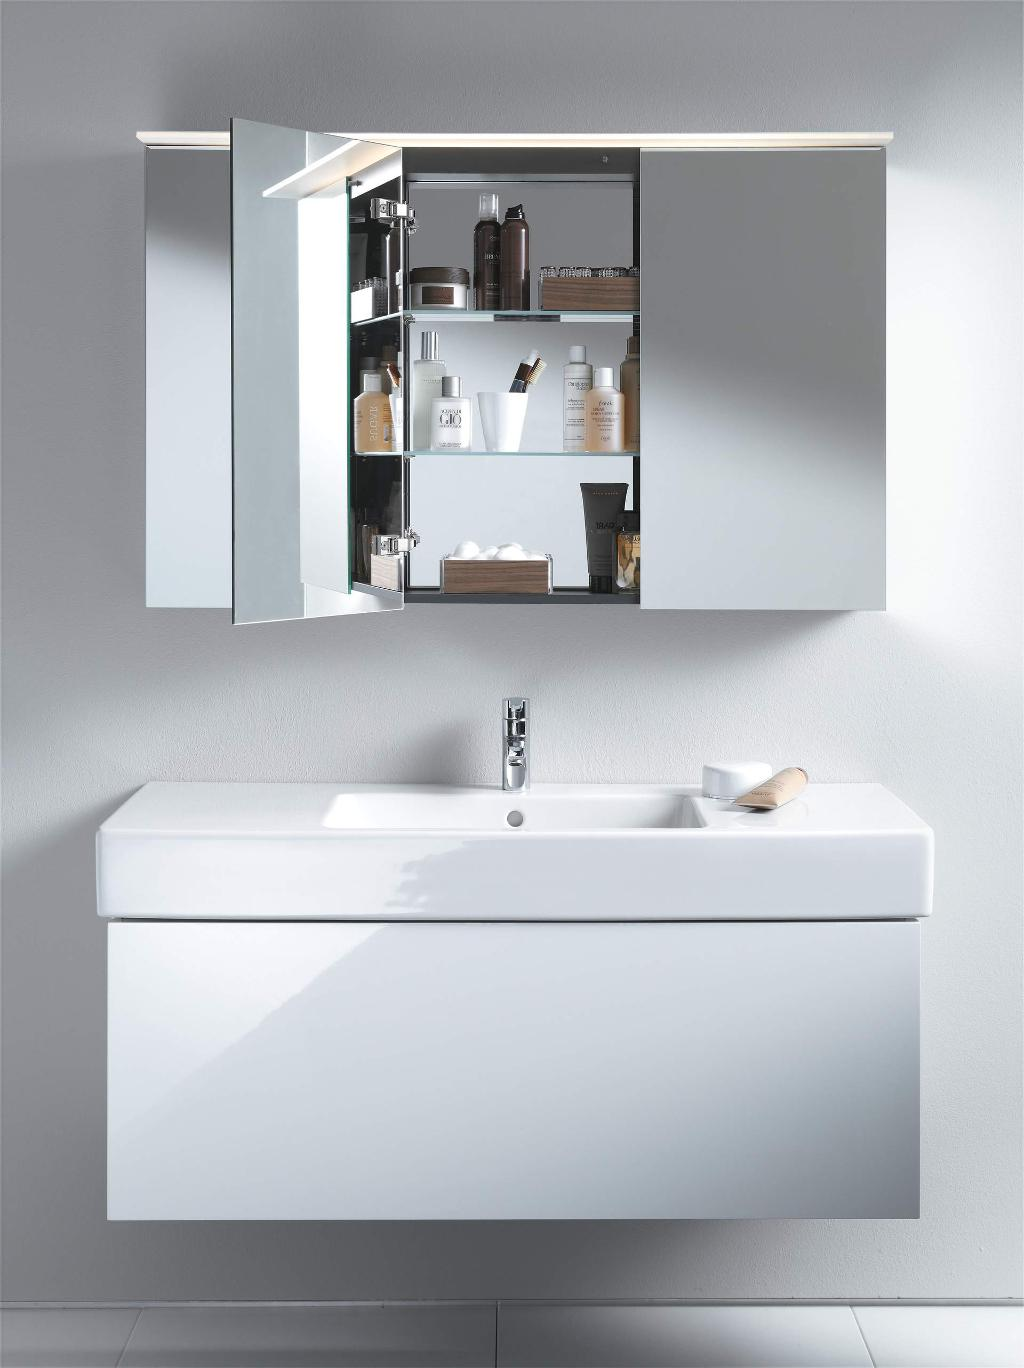 Specchi e armadietti a specchio | Duravit